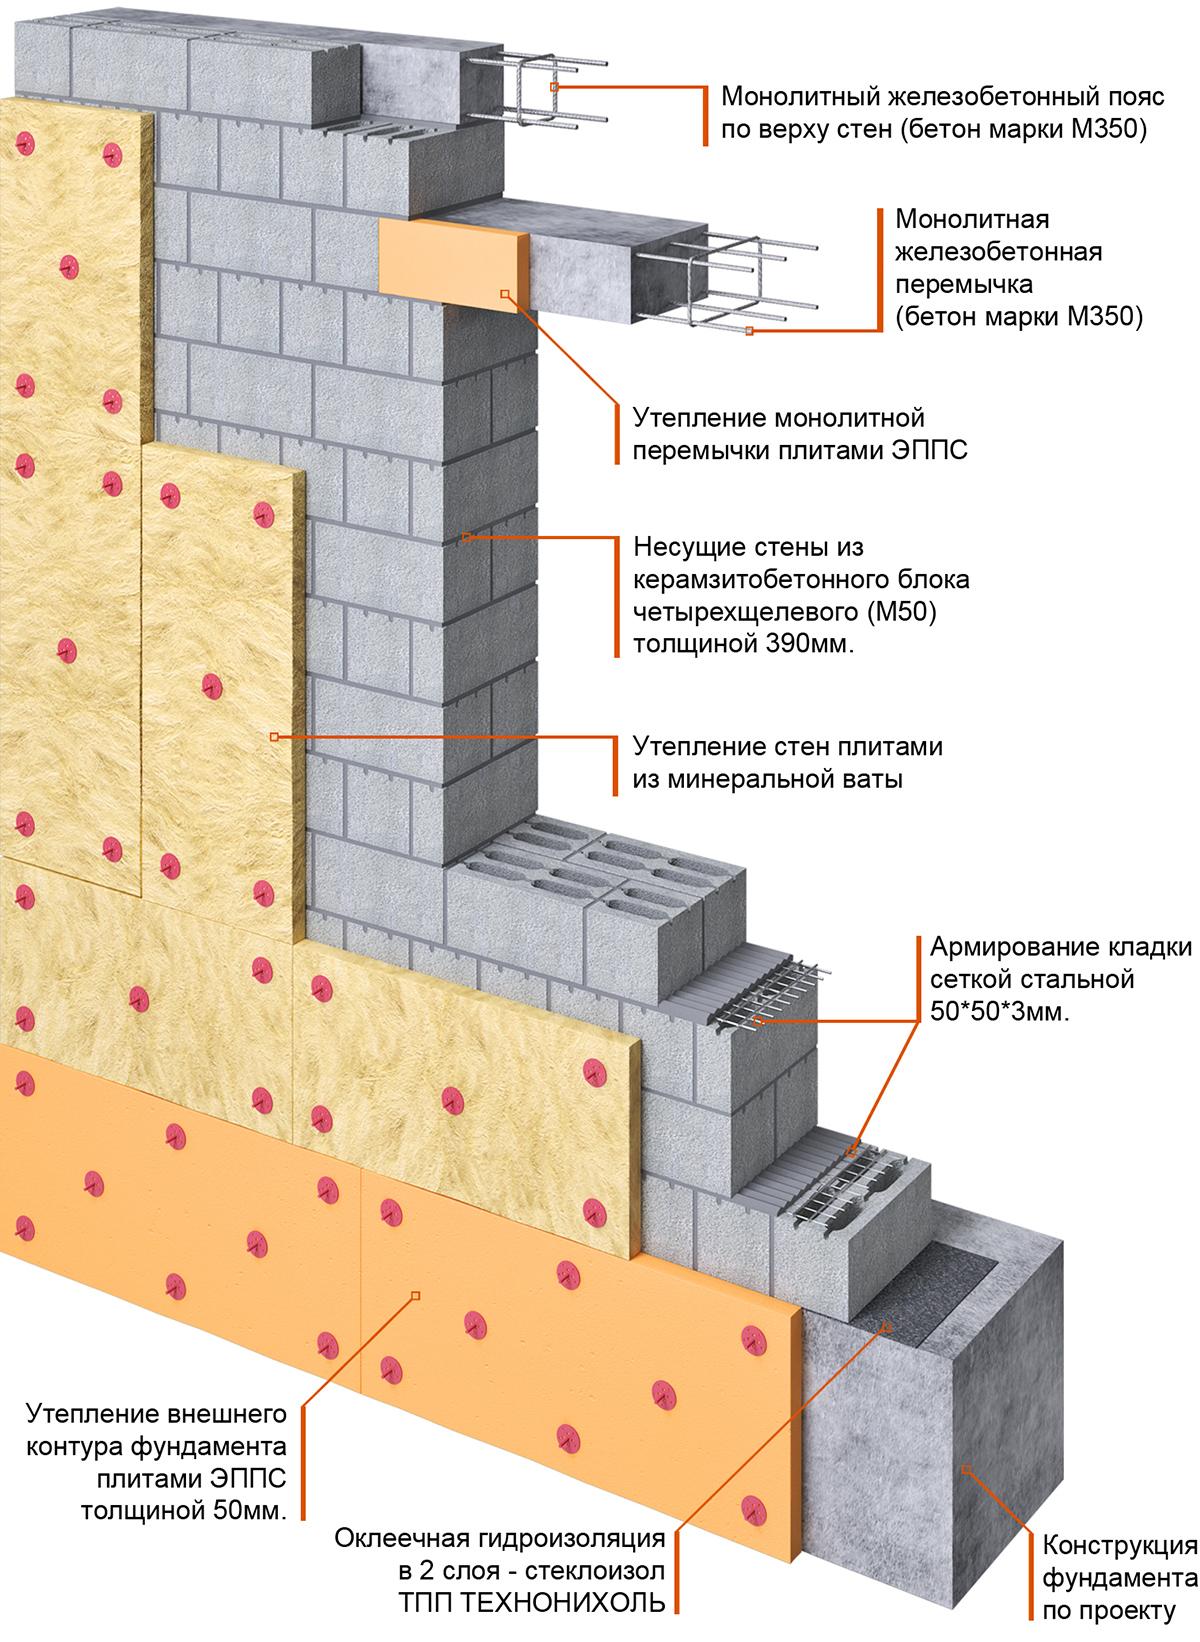 какая толщина стен в монолитном доме